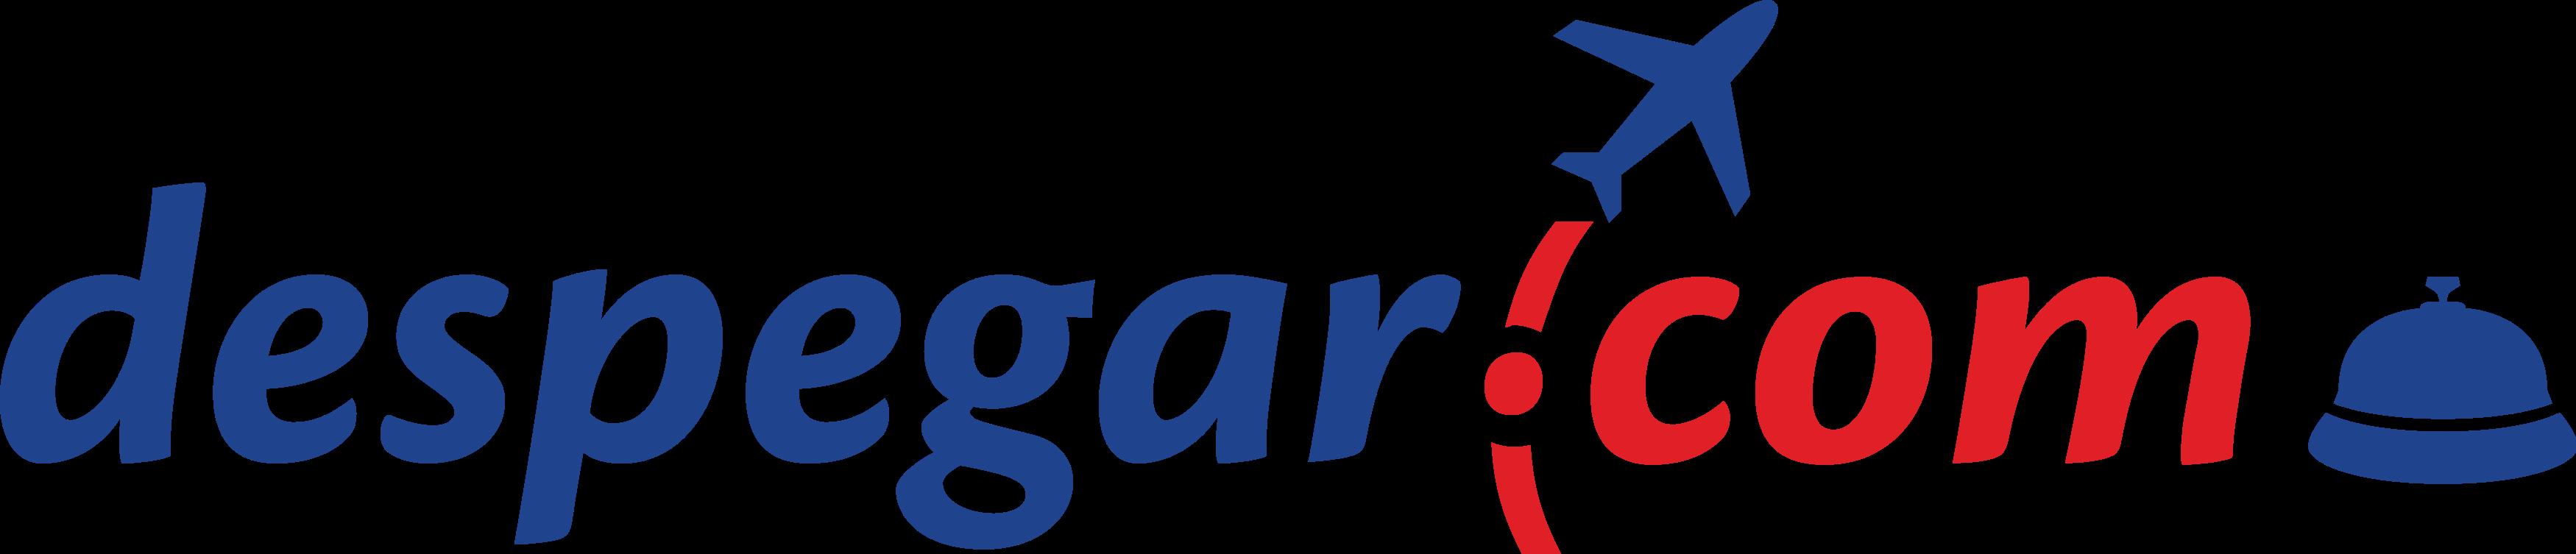 Despegar.com Logo.